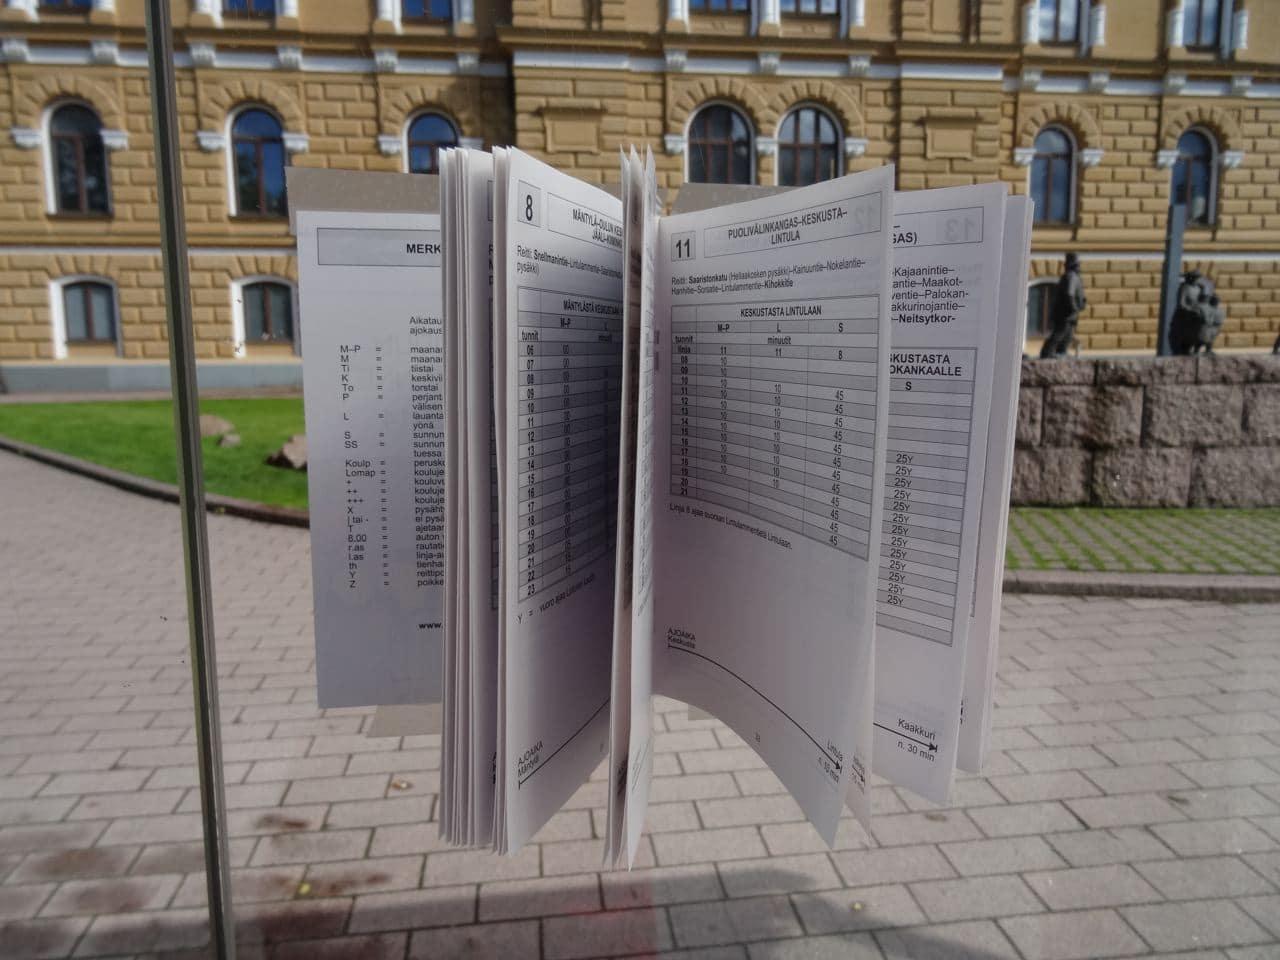 Bushaltestelle in Oulu beim Rathaus